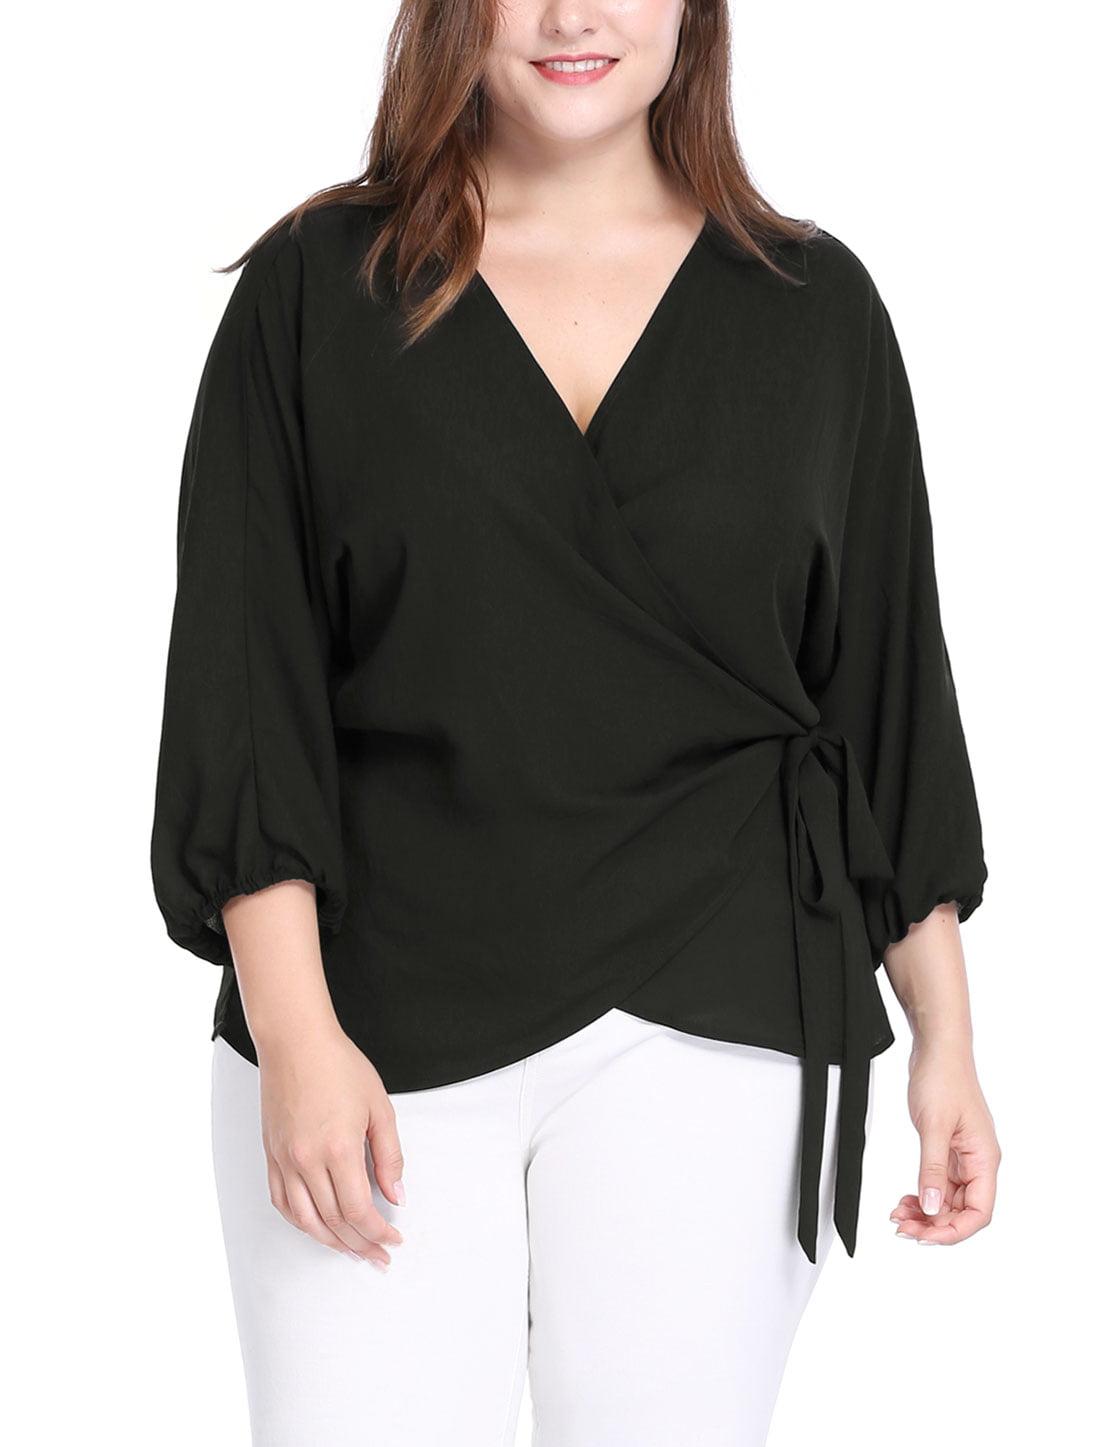 Unique Bargains Women's Plus Size Batwing Sleeves Self Tie Wrap Chiffon Top